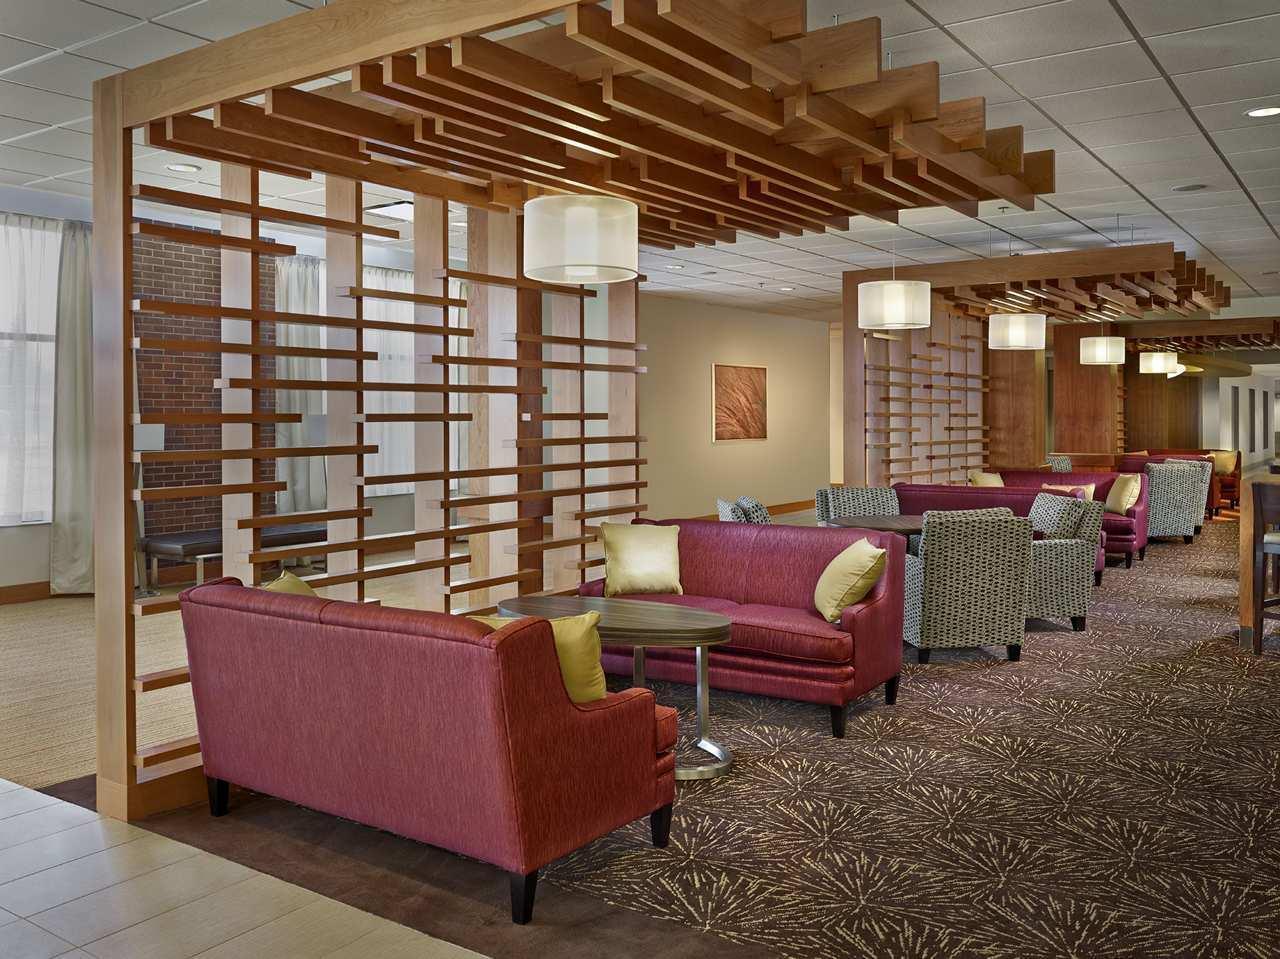 DoubleTree by Hilton Hotel West Edmonton in Edmonton: Lobby Bar Area